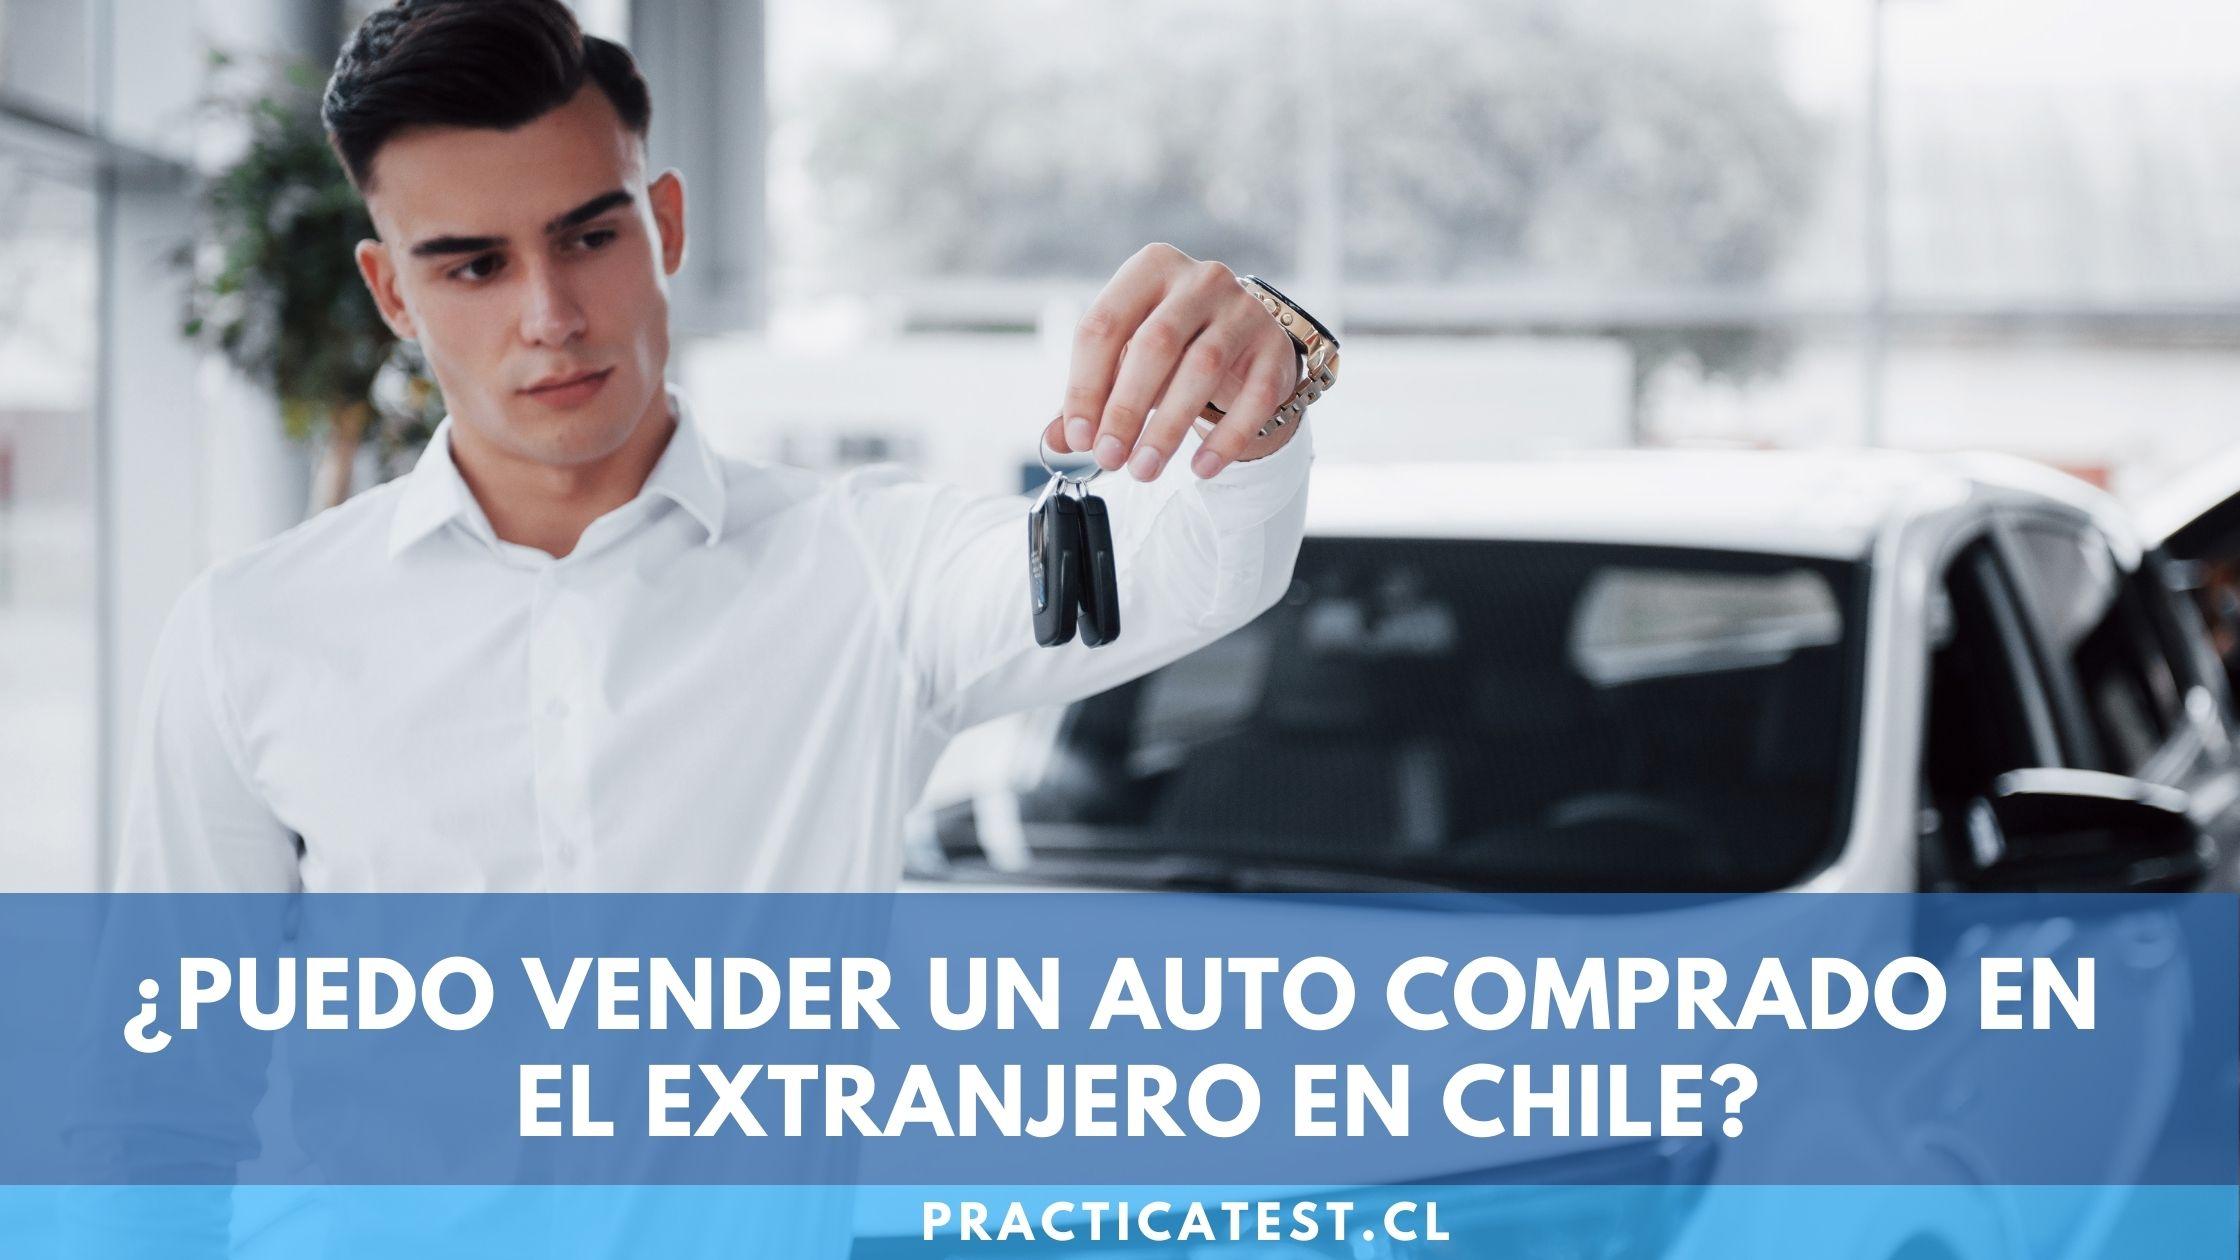 En qué casos se puede vender un auto o vehículo extranjero en Chile